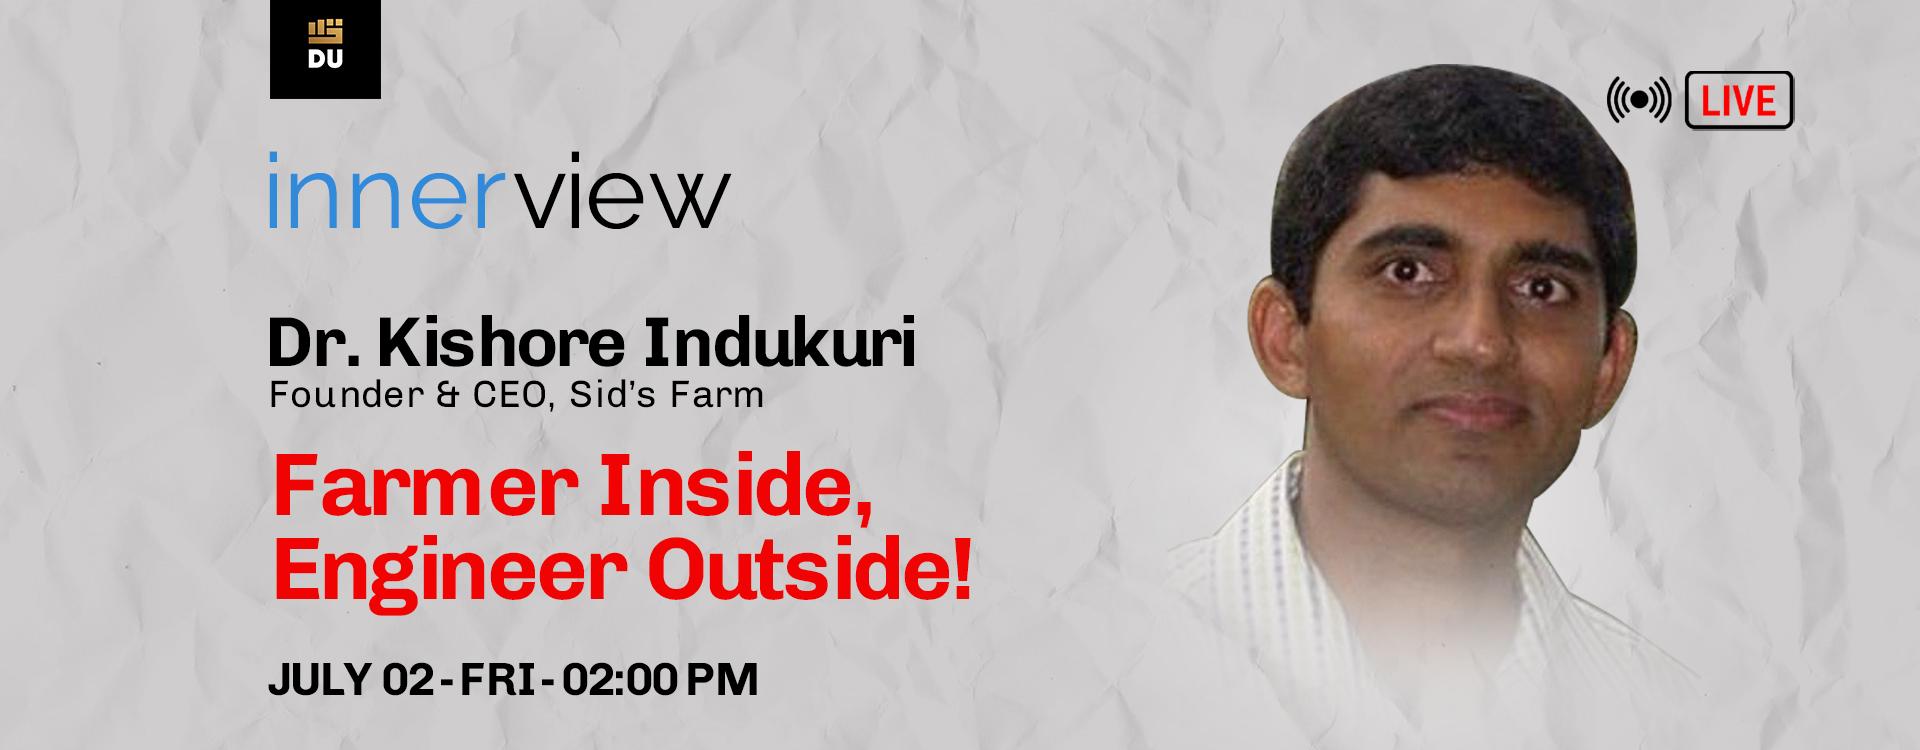 Workshop with Dr. Kishore Indukuri